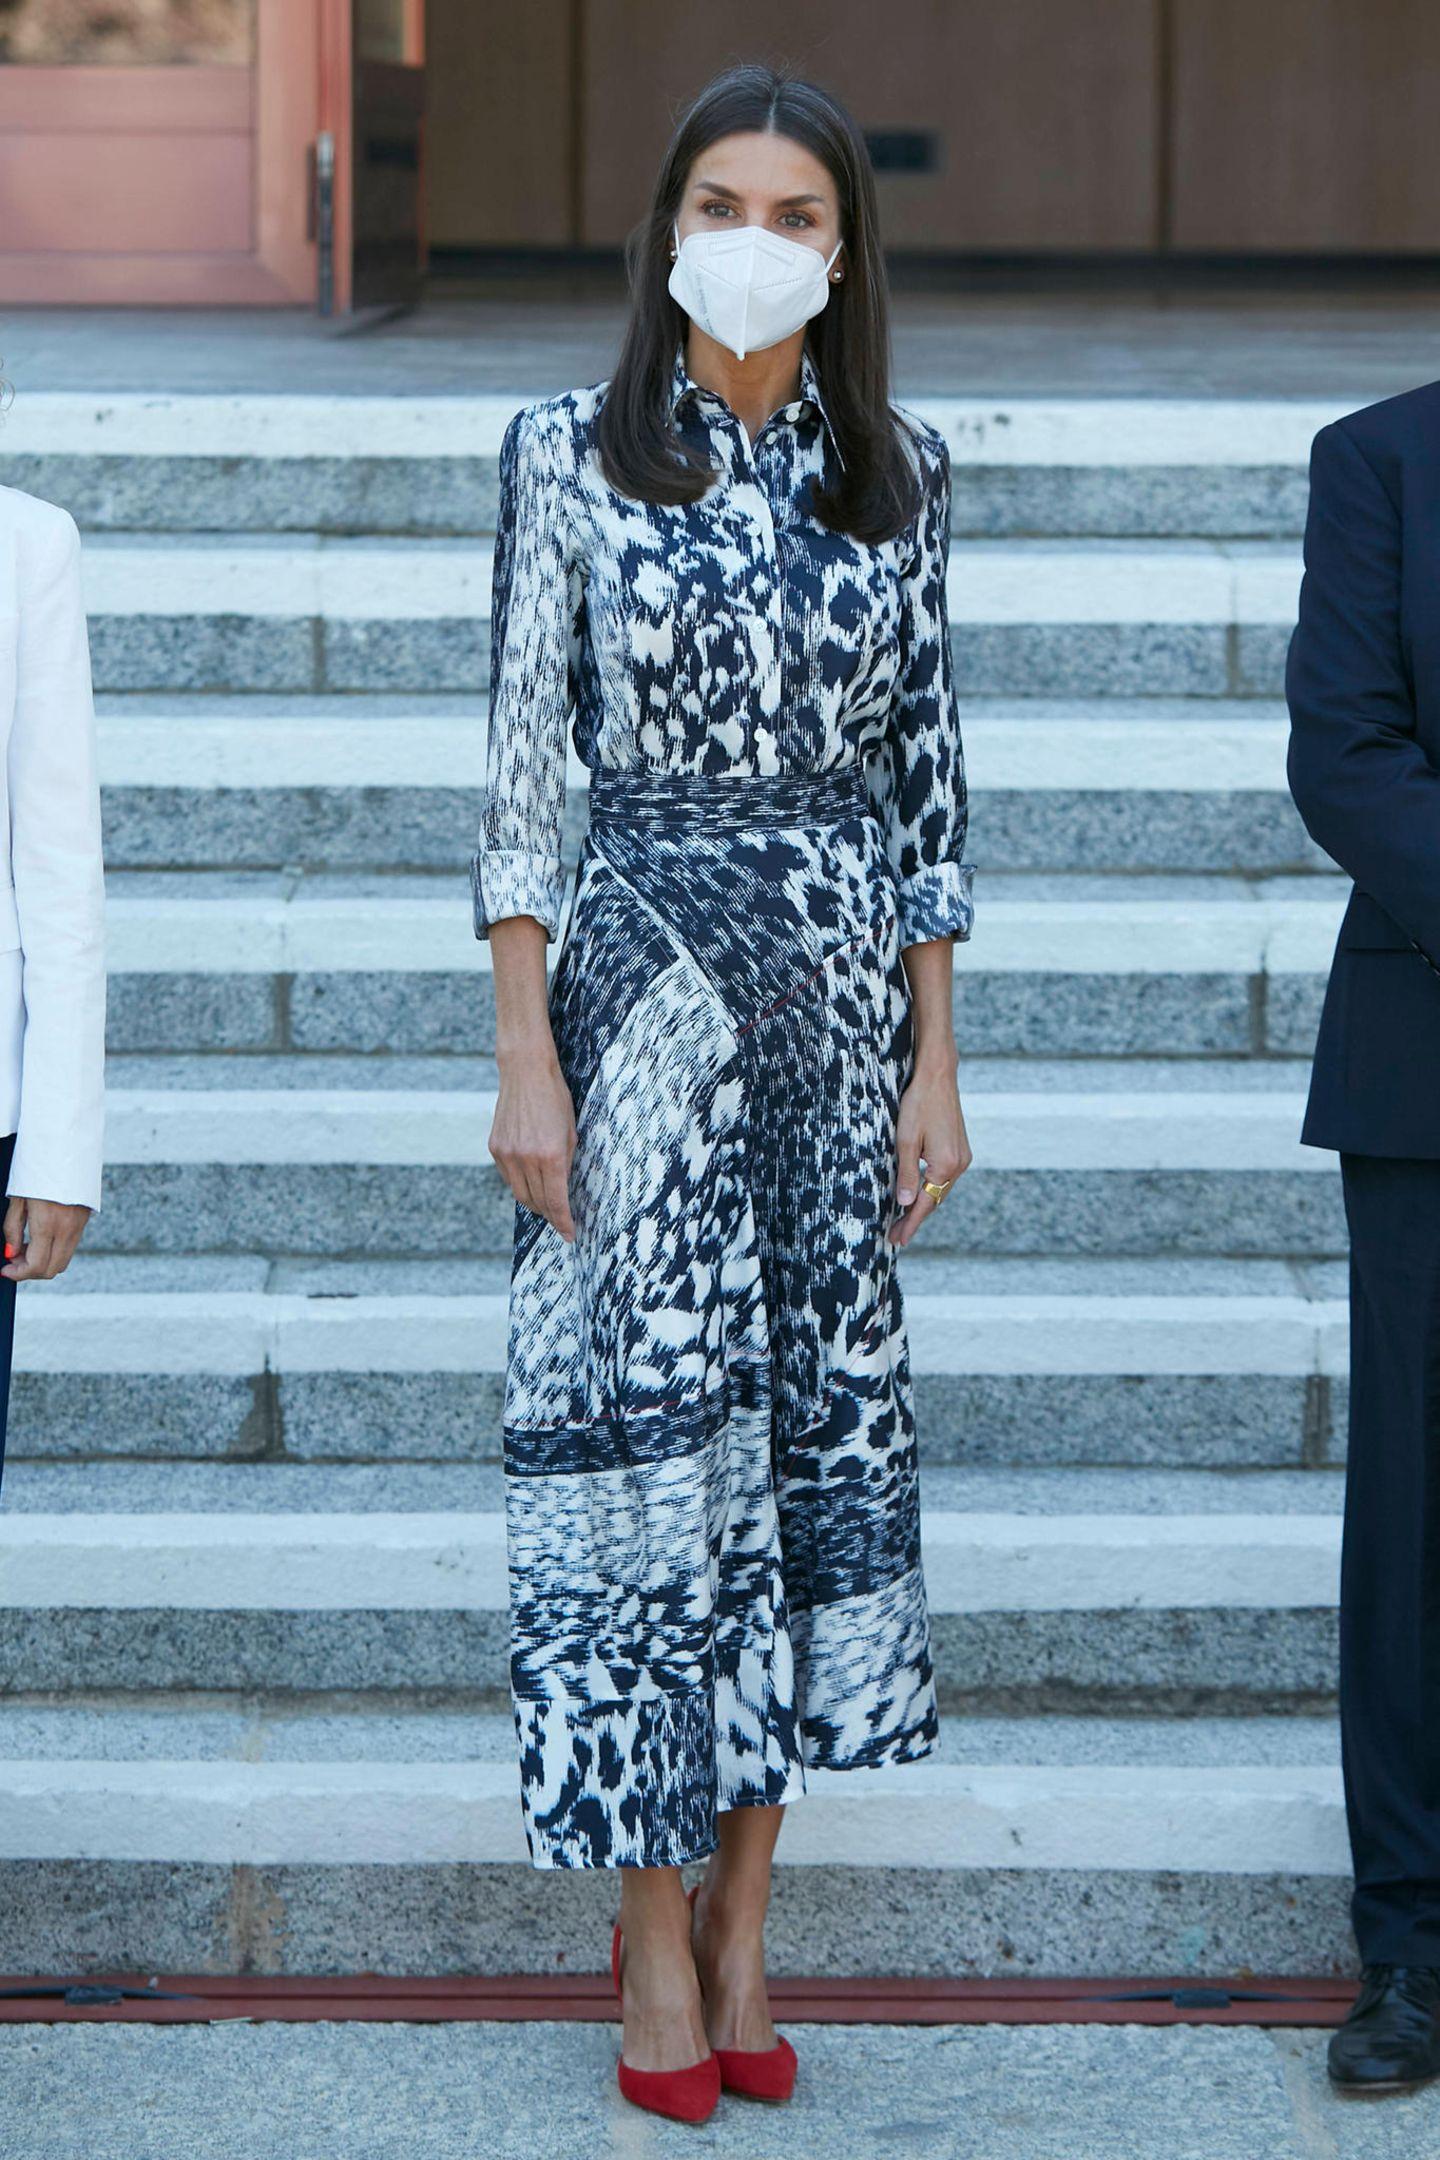 Königin Letizia zeigt sich bei der Eröffnung des Weltgipfels für Sehbehinderungen in Madrid von ihrer auffälligen Style-Seite: Sie trägt Bluse und Rock (ja, es ist tatsächlich kein Kleid) mitLeoprint von Victoria Beckham. Ein Highlight: ihre roten Pumps.